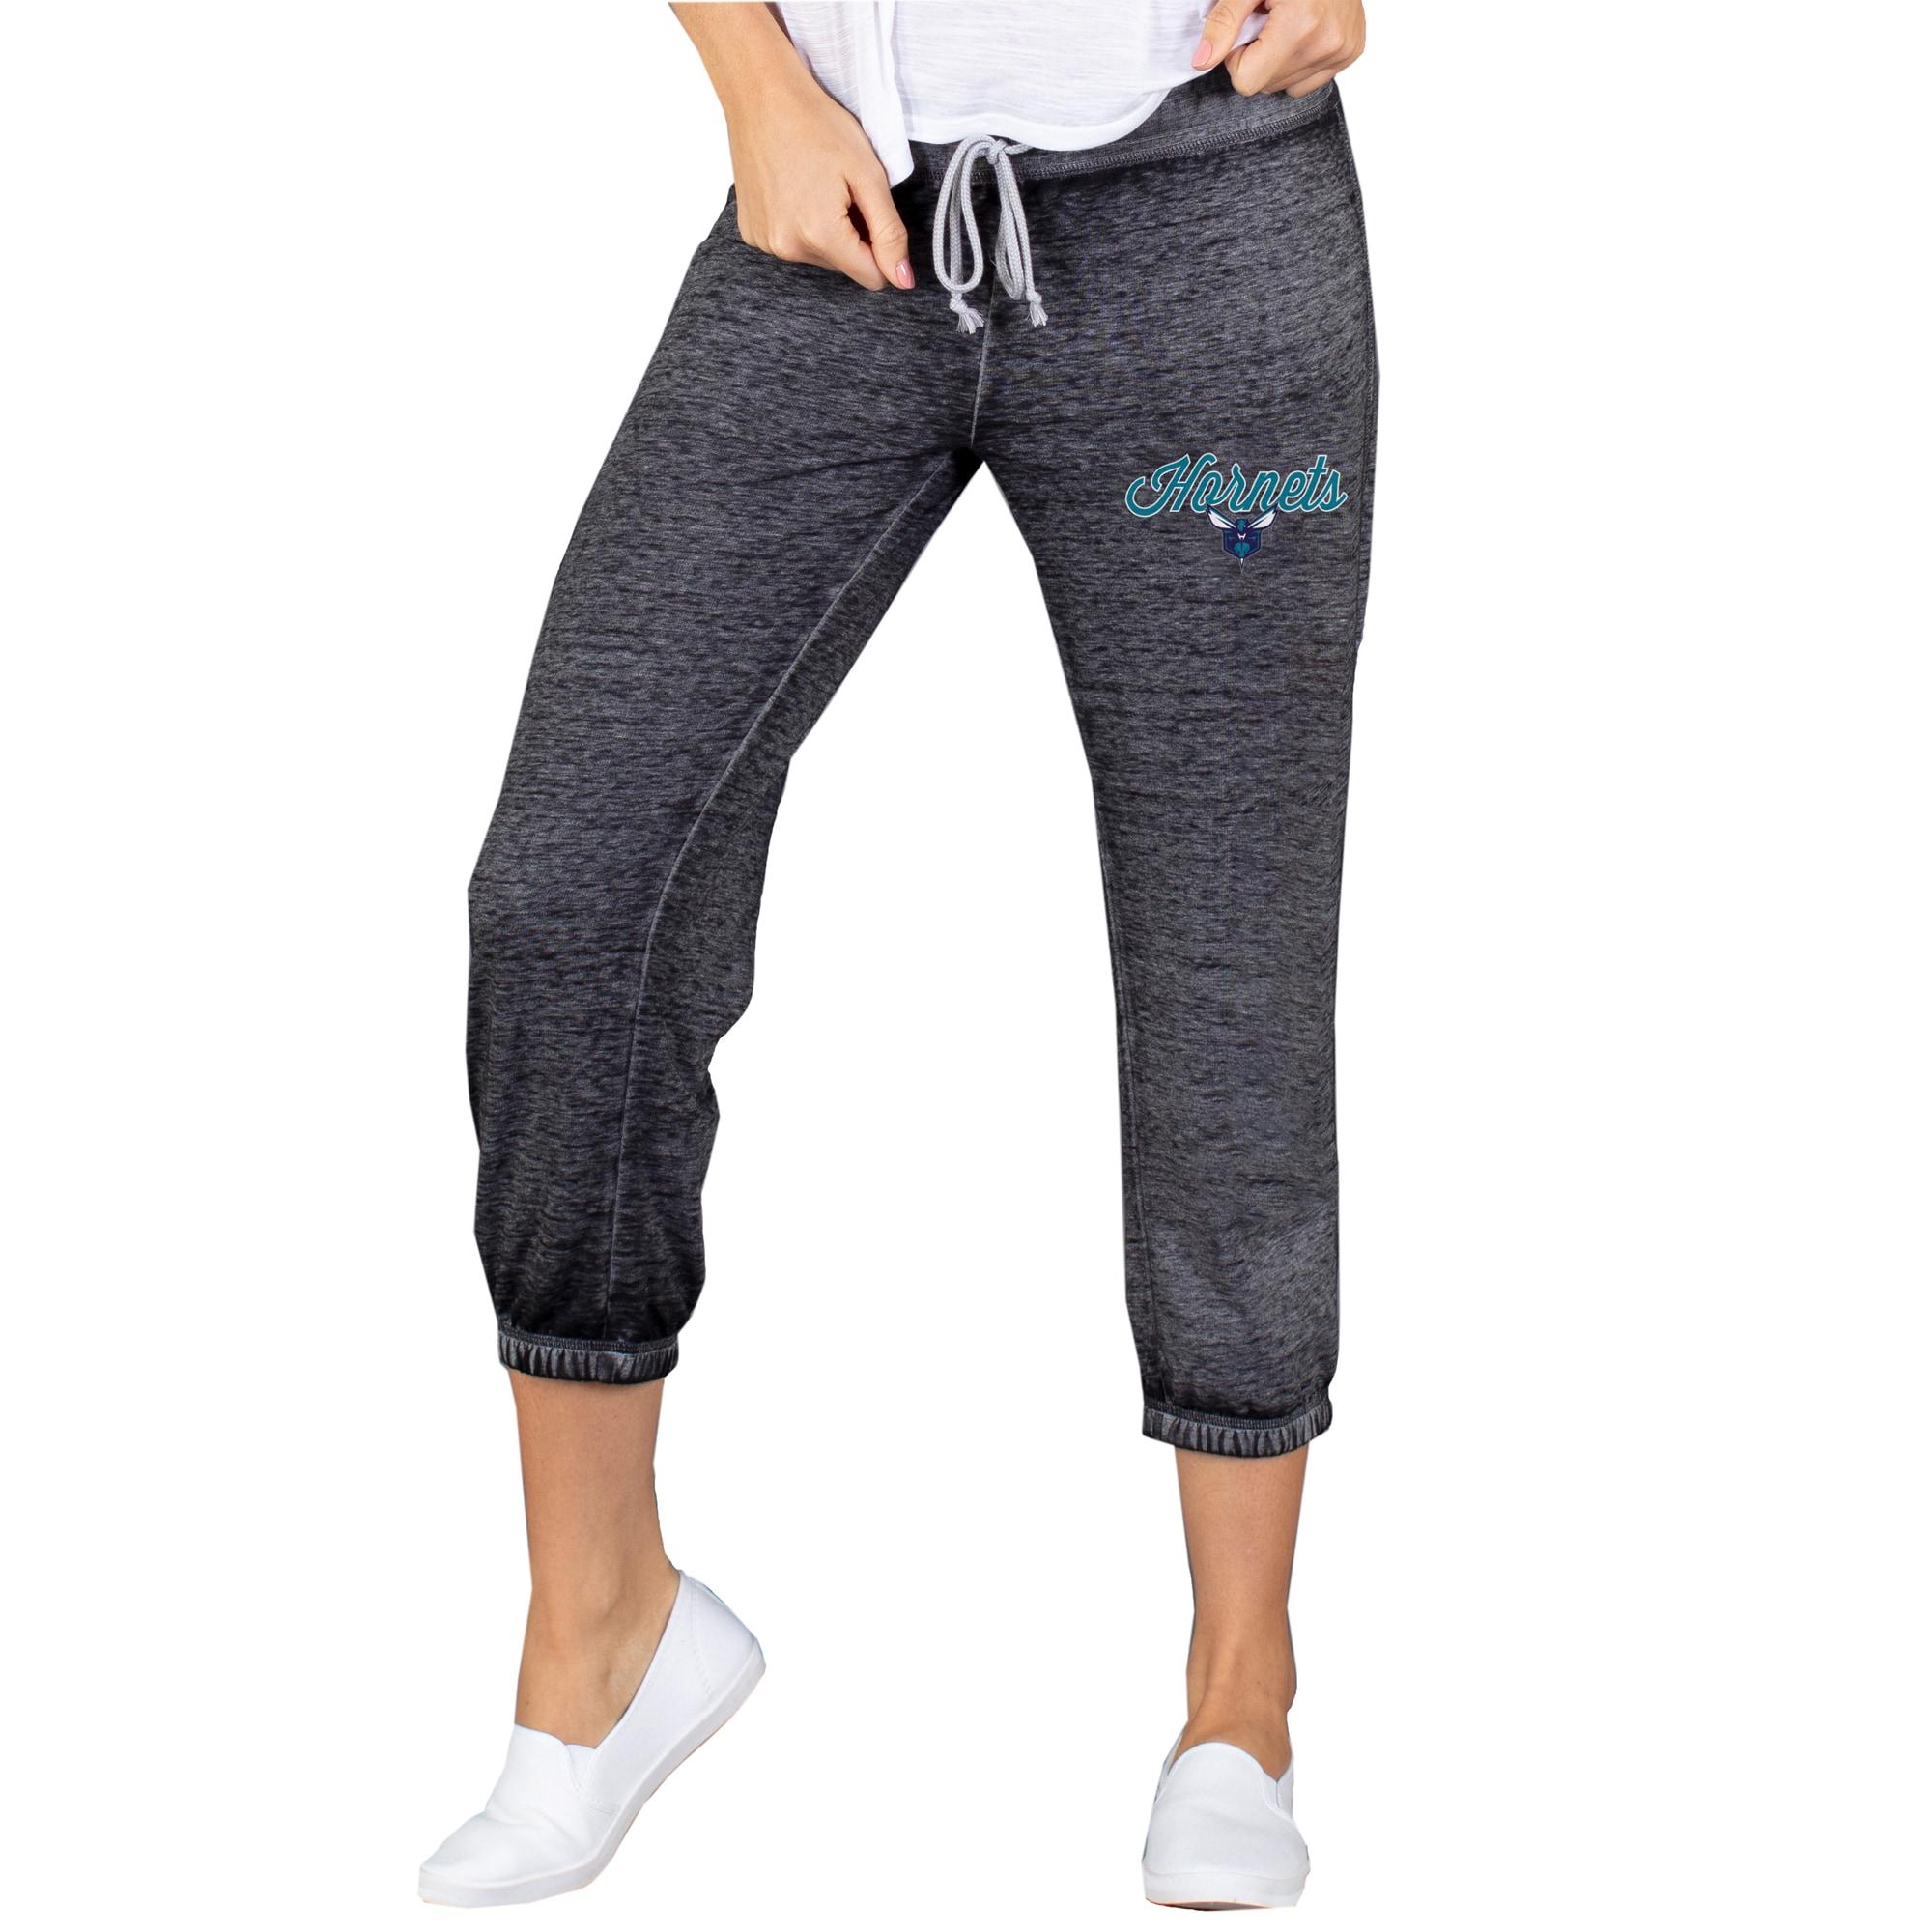 Charlotte Hornets Concepts Sport Women's Capri Knit Lounge Pants - Charcoal